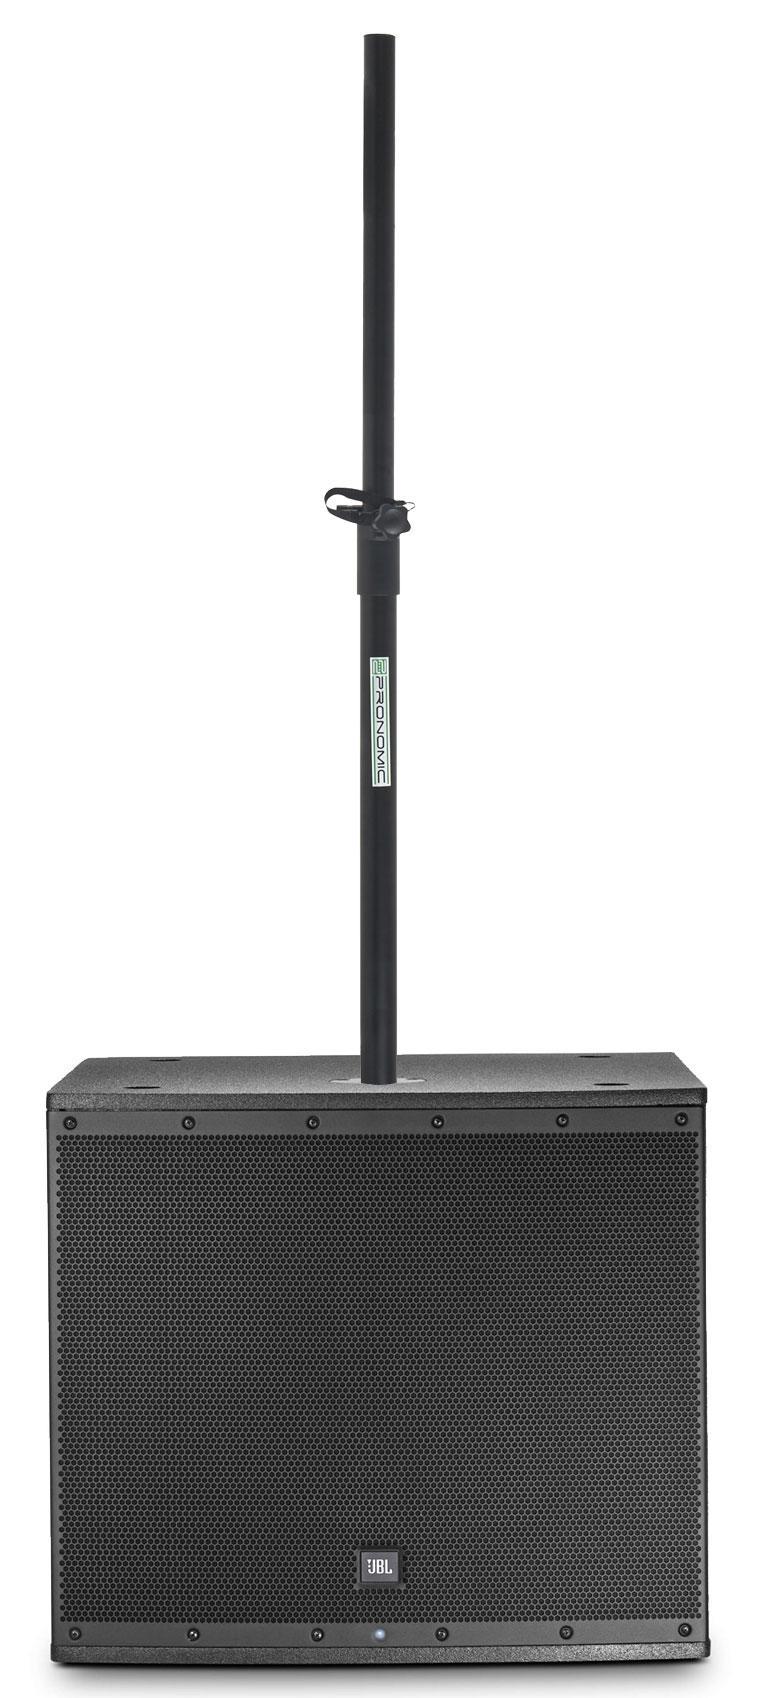 Paboxen - JBL EON618S Set mit Distanzstange - Onlineshop Musikhaus Kirstein